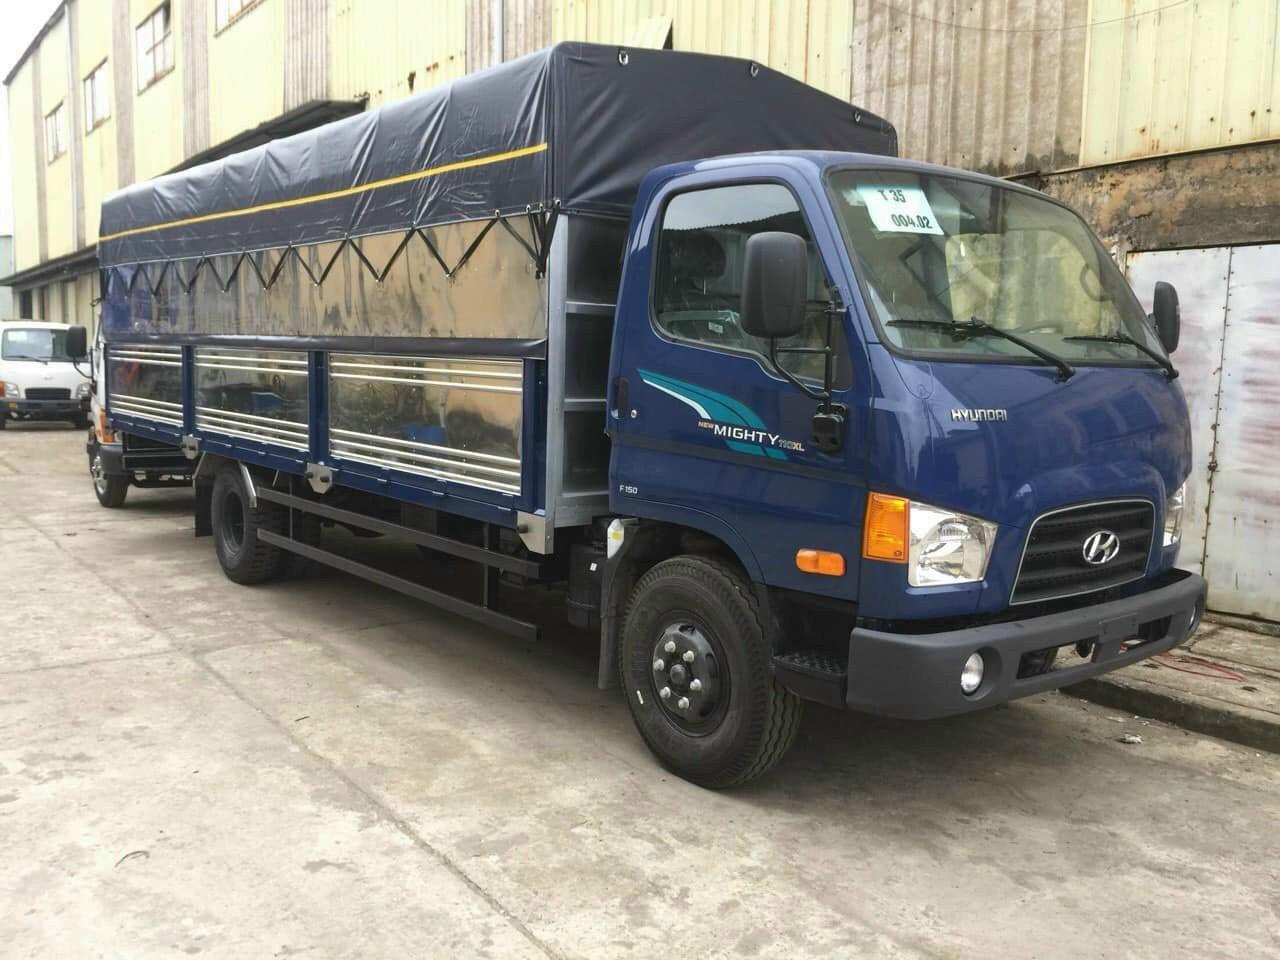 Bán xe tải Hyundai 110XL tại Thái Bình